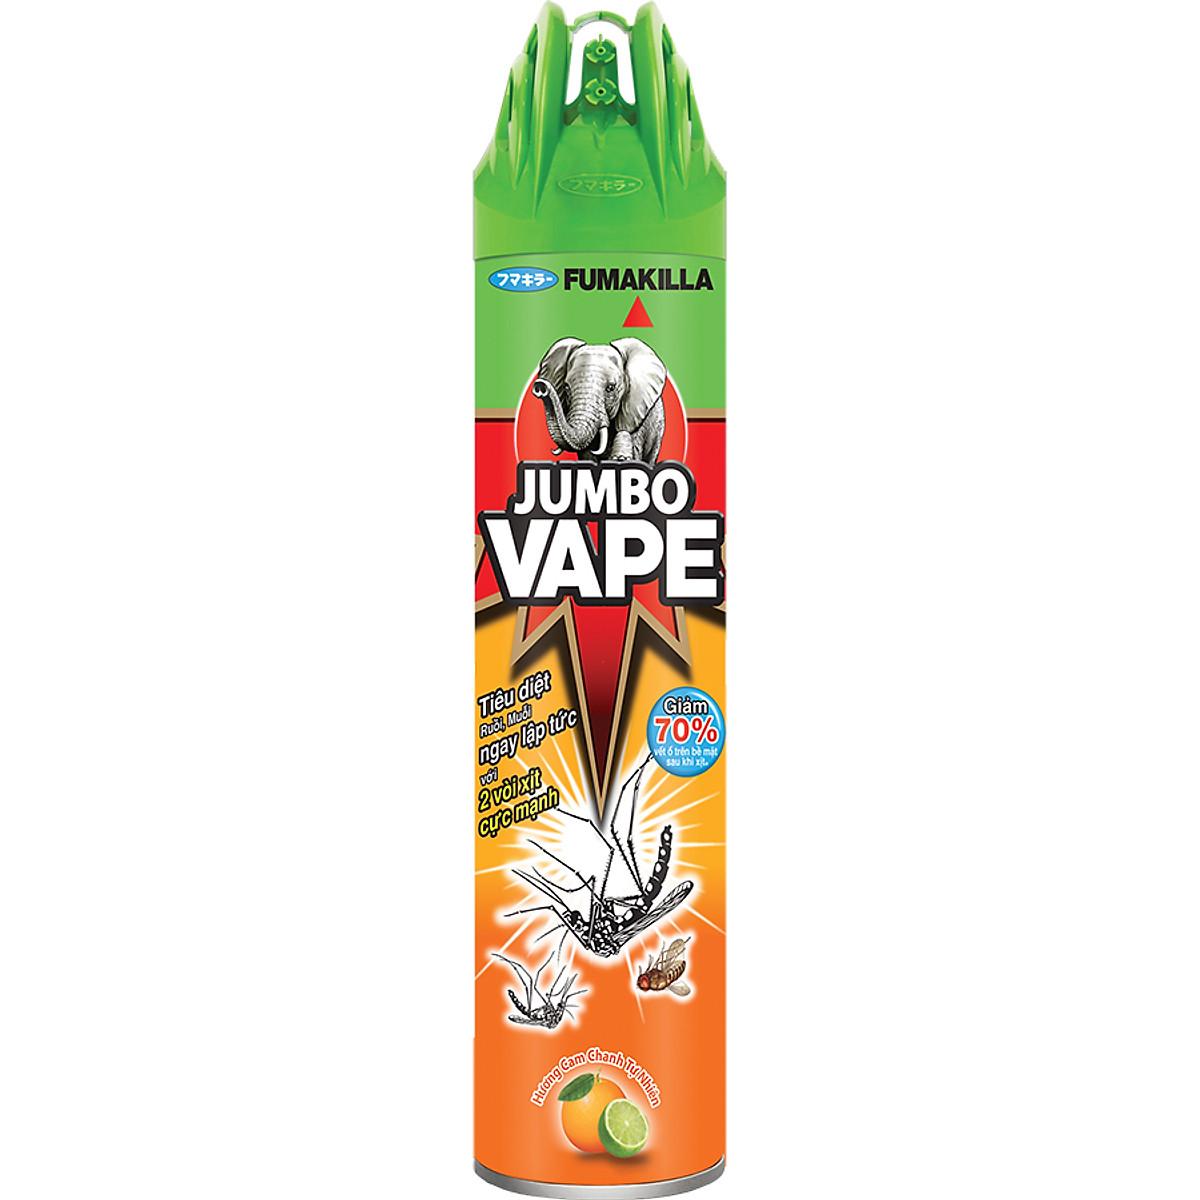 Jumbo Vape FIK 100712620 2